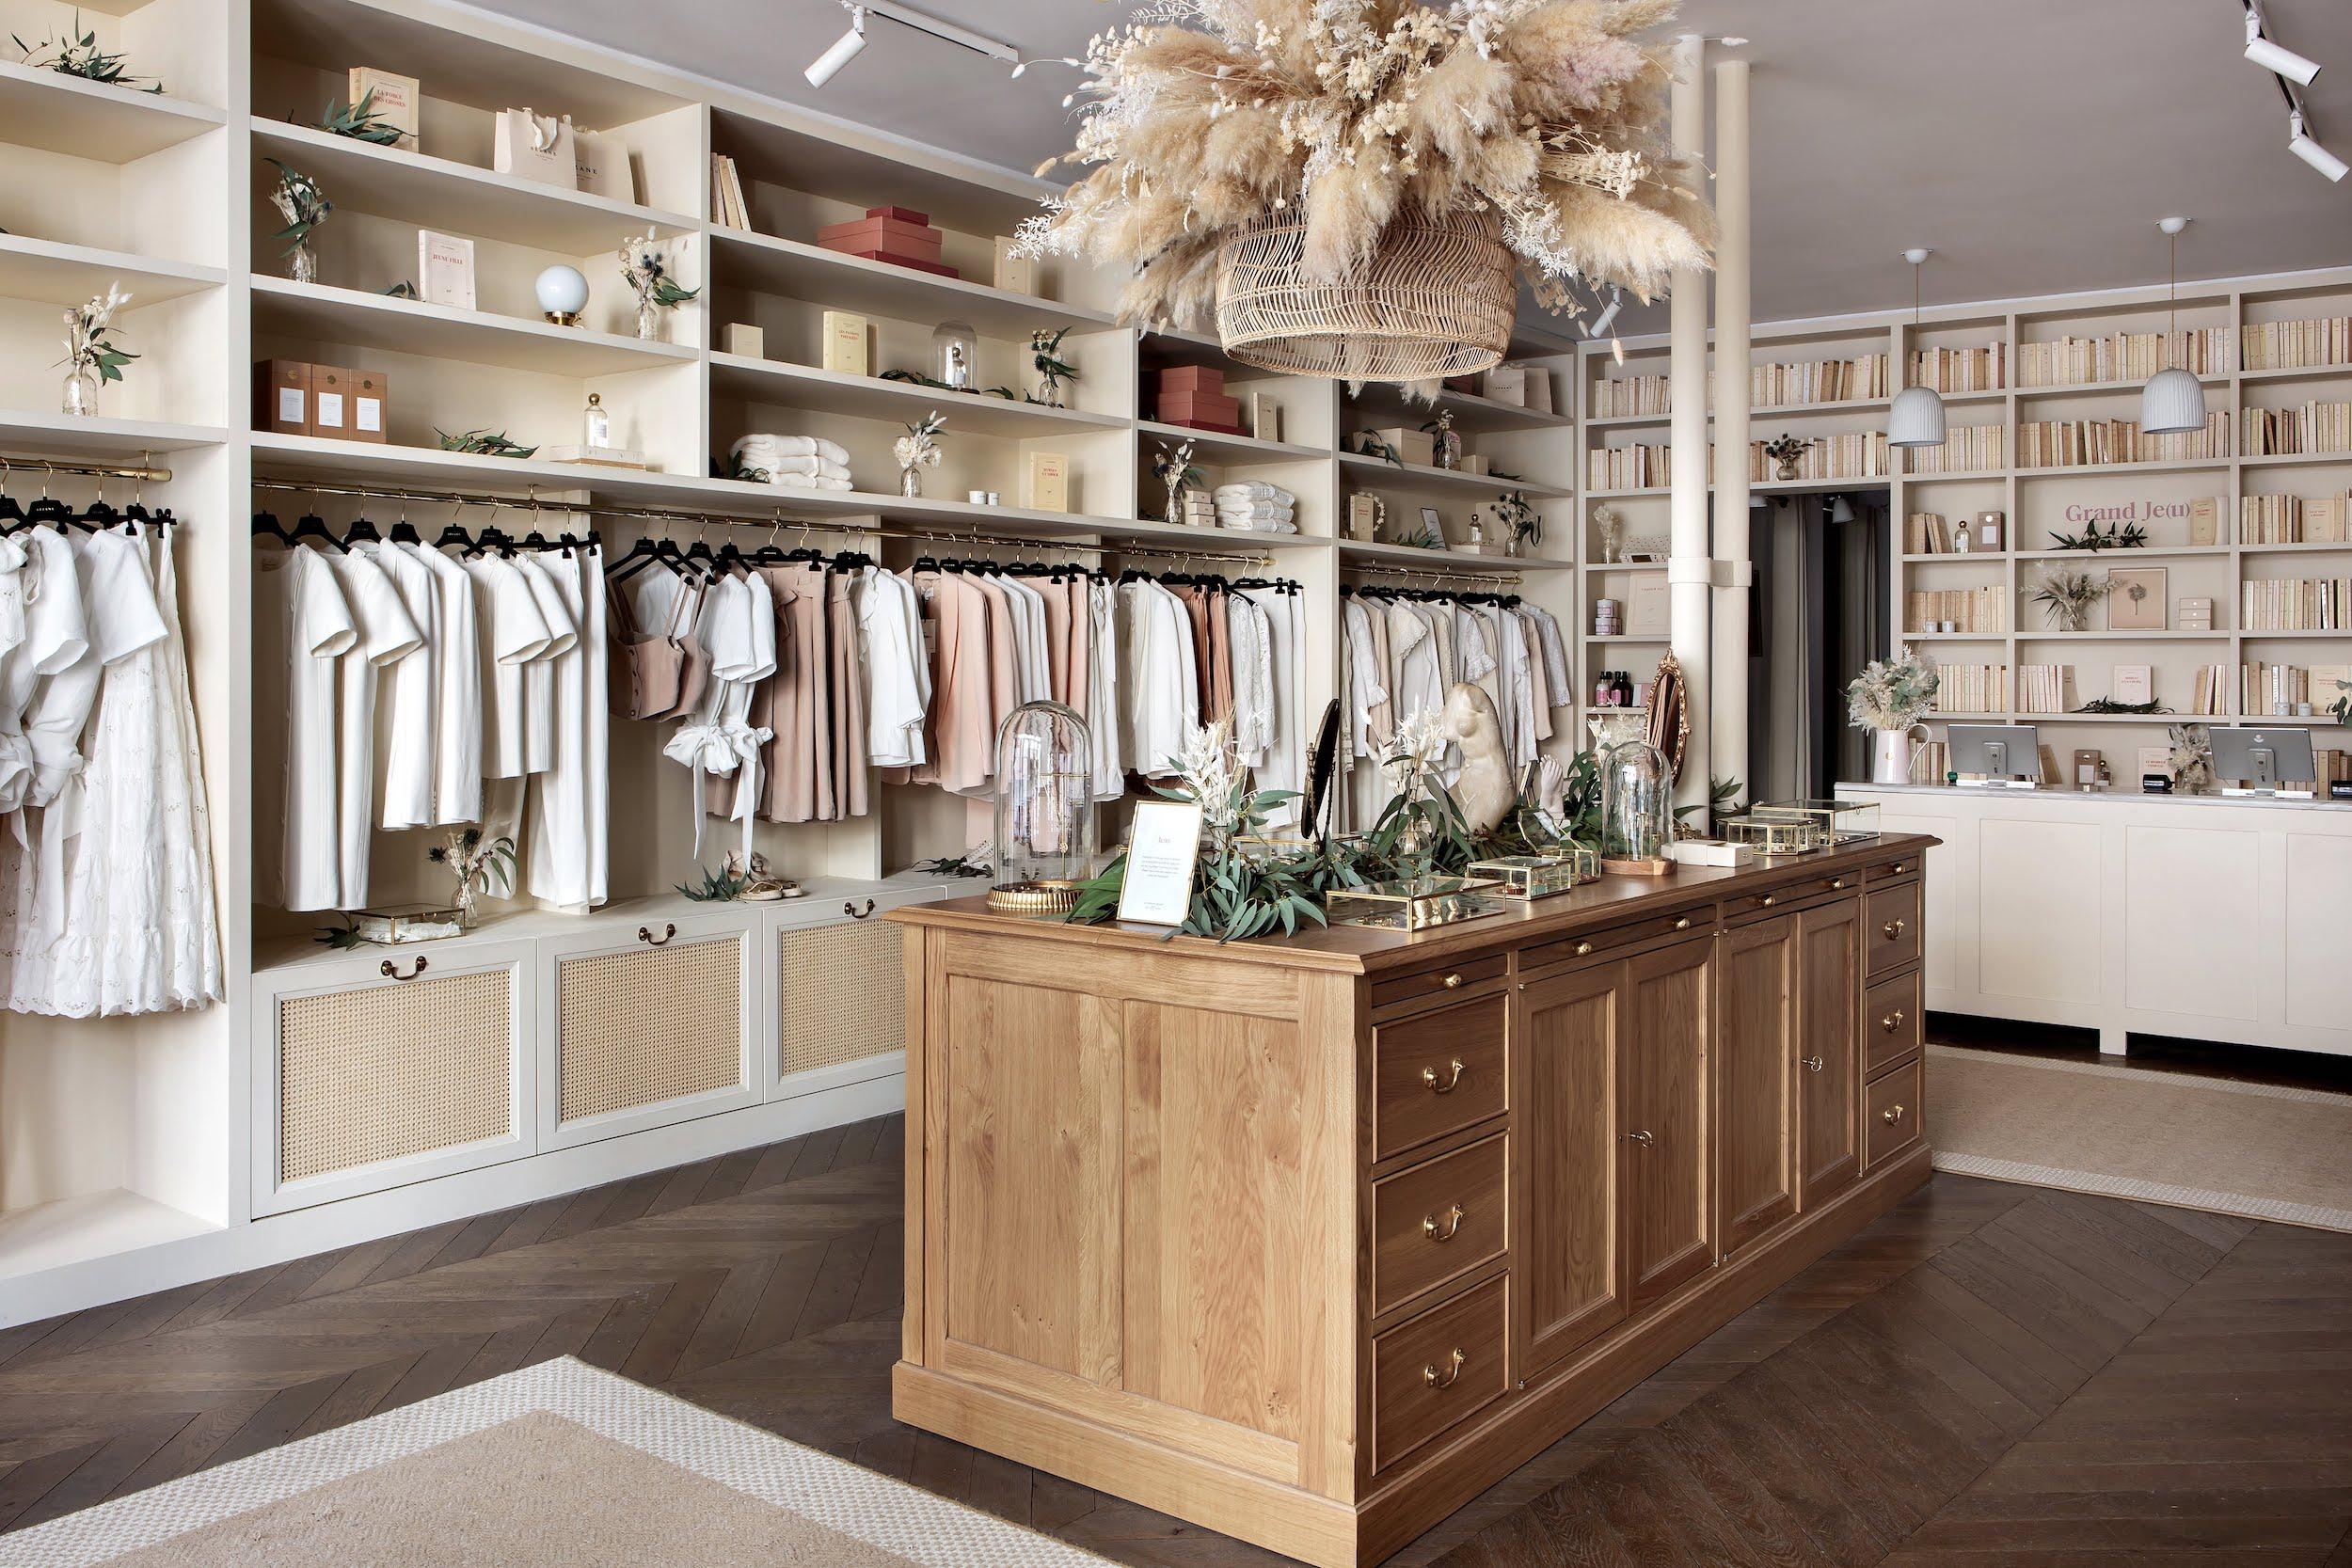 Reflets - Fleuriste mariage - Décor boutique